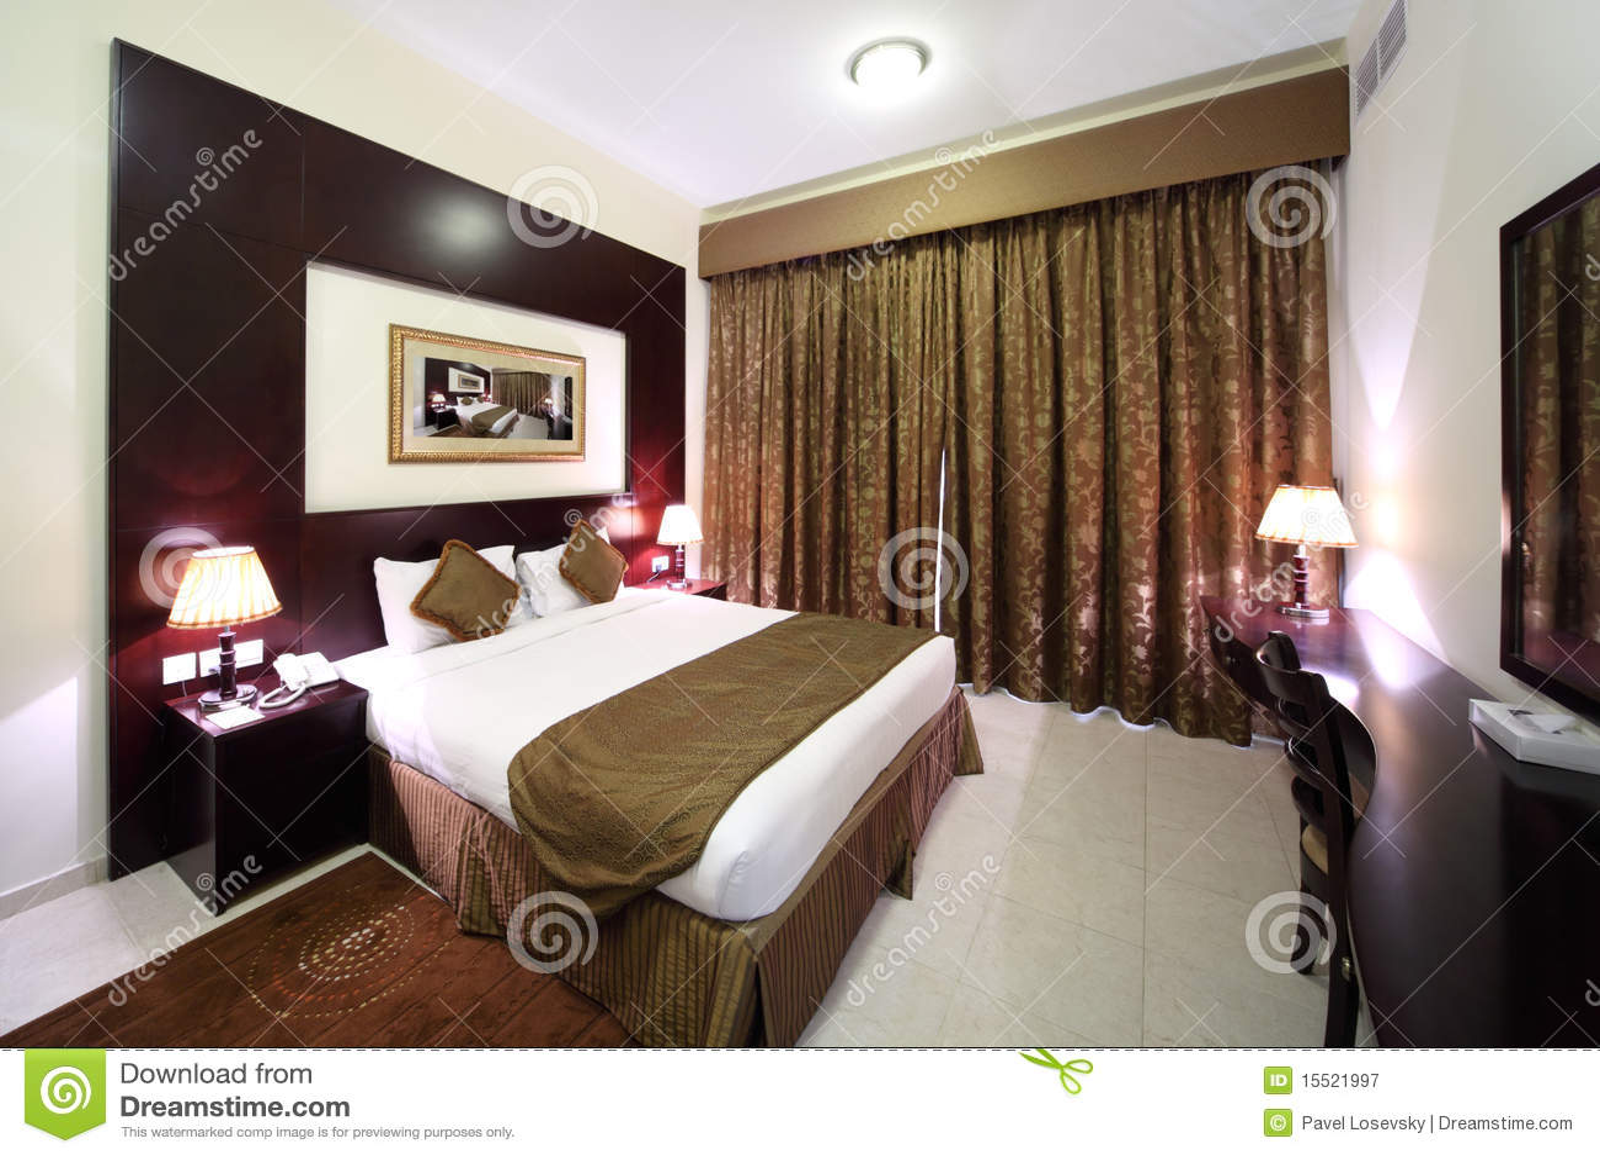 Quarto com cortina fechada e lado grande da cama imagem de - Cortinas para cama ...